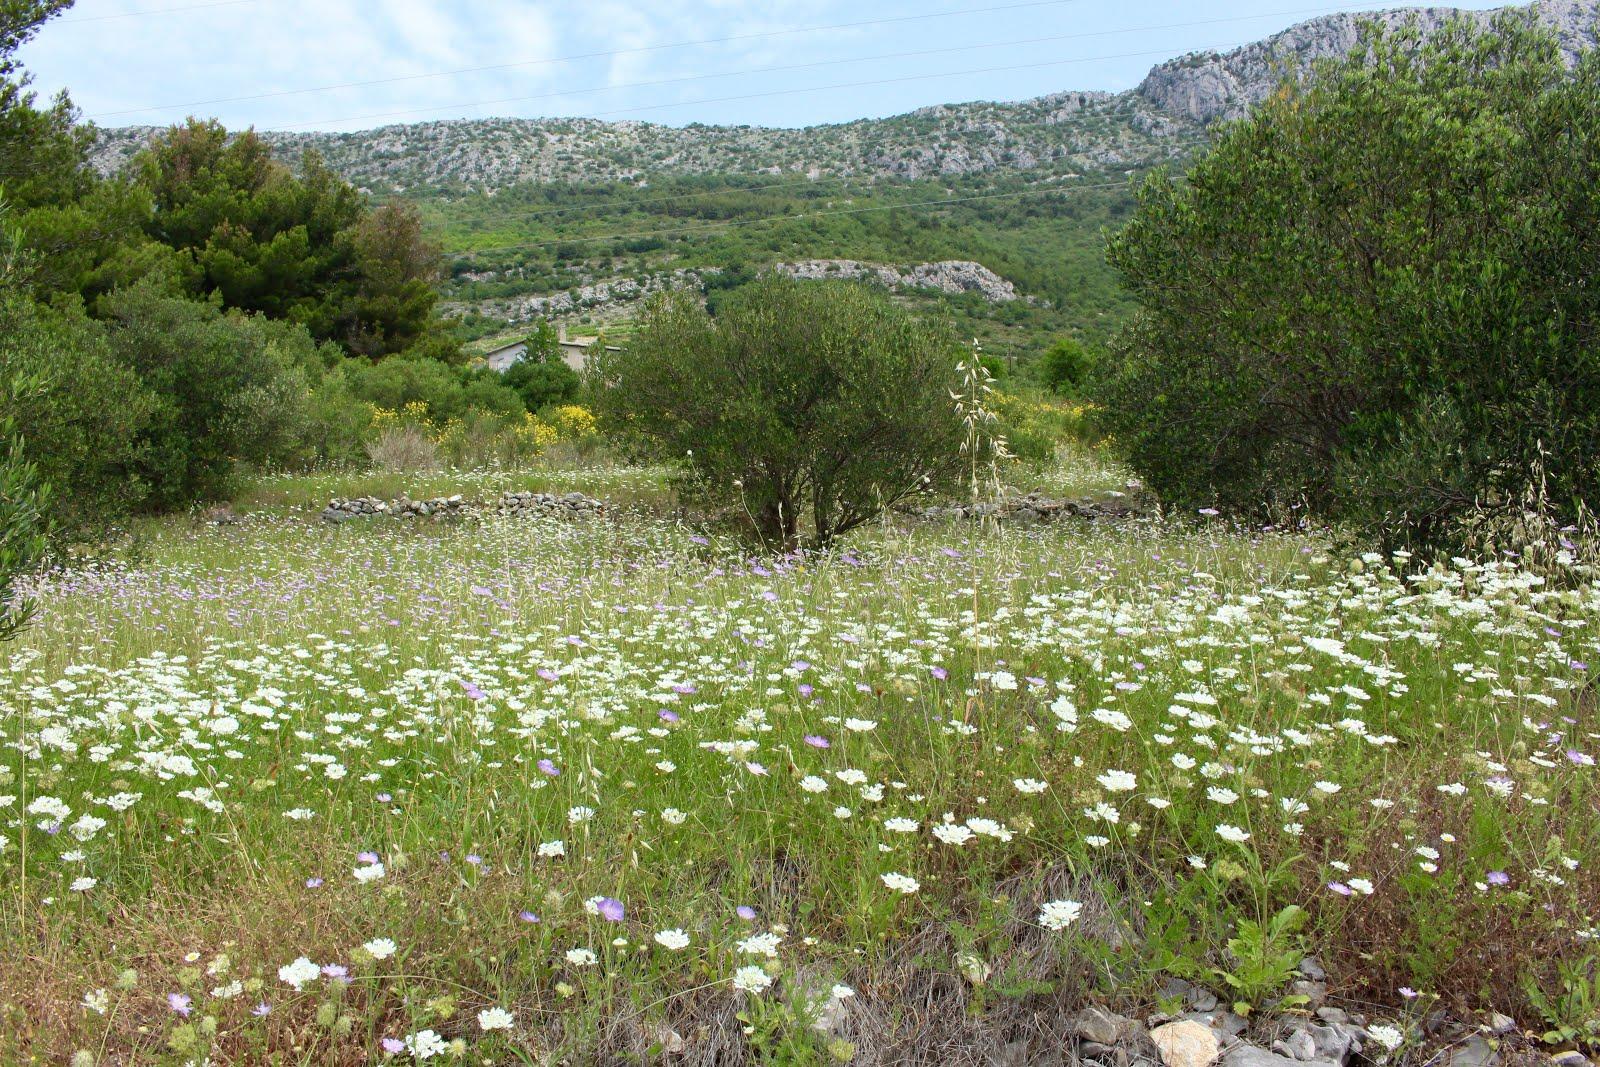 Landschaft in Kroatien bei Kaštela (Stadt zwischen Split und Trogir)